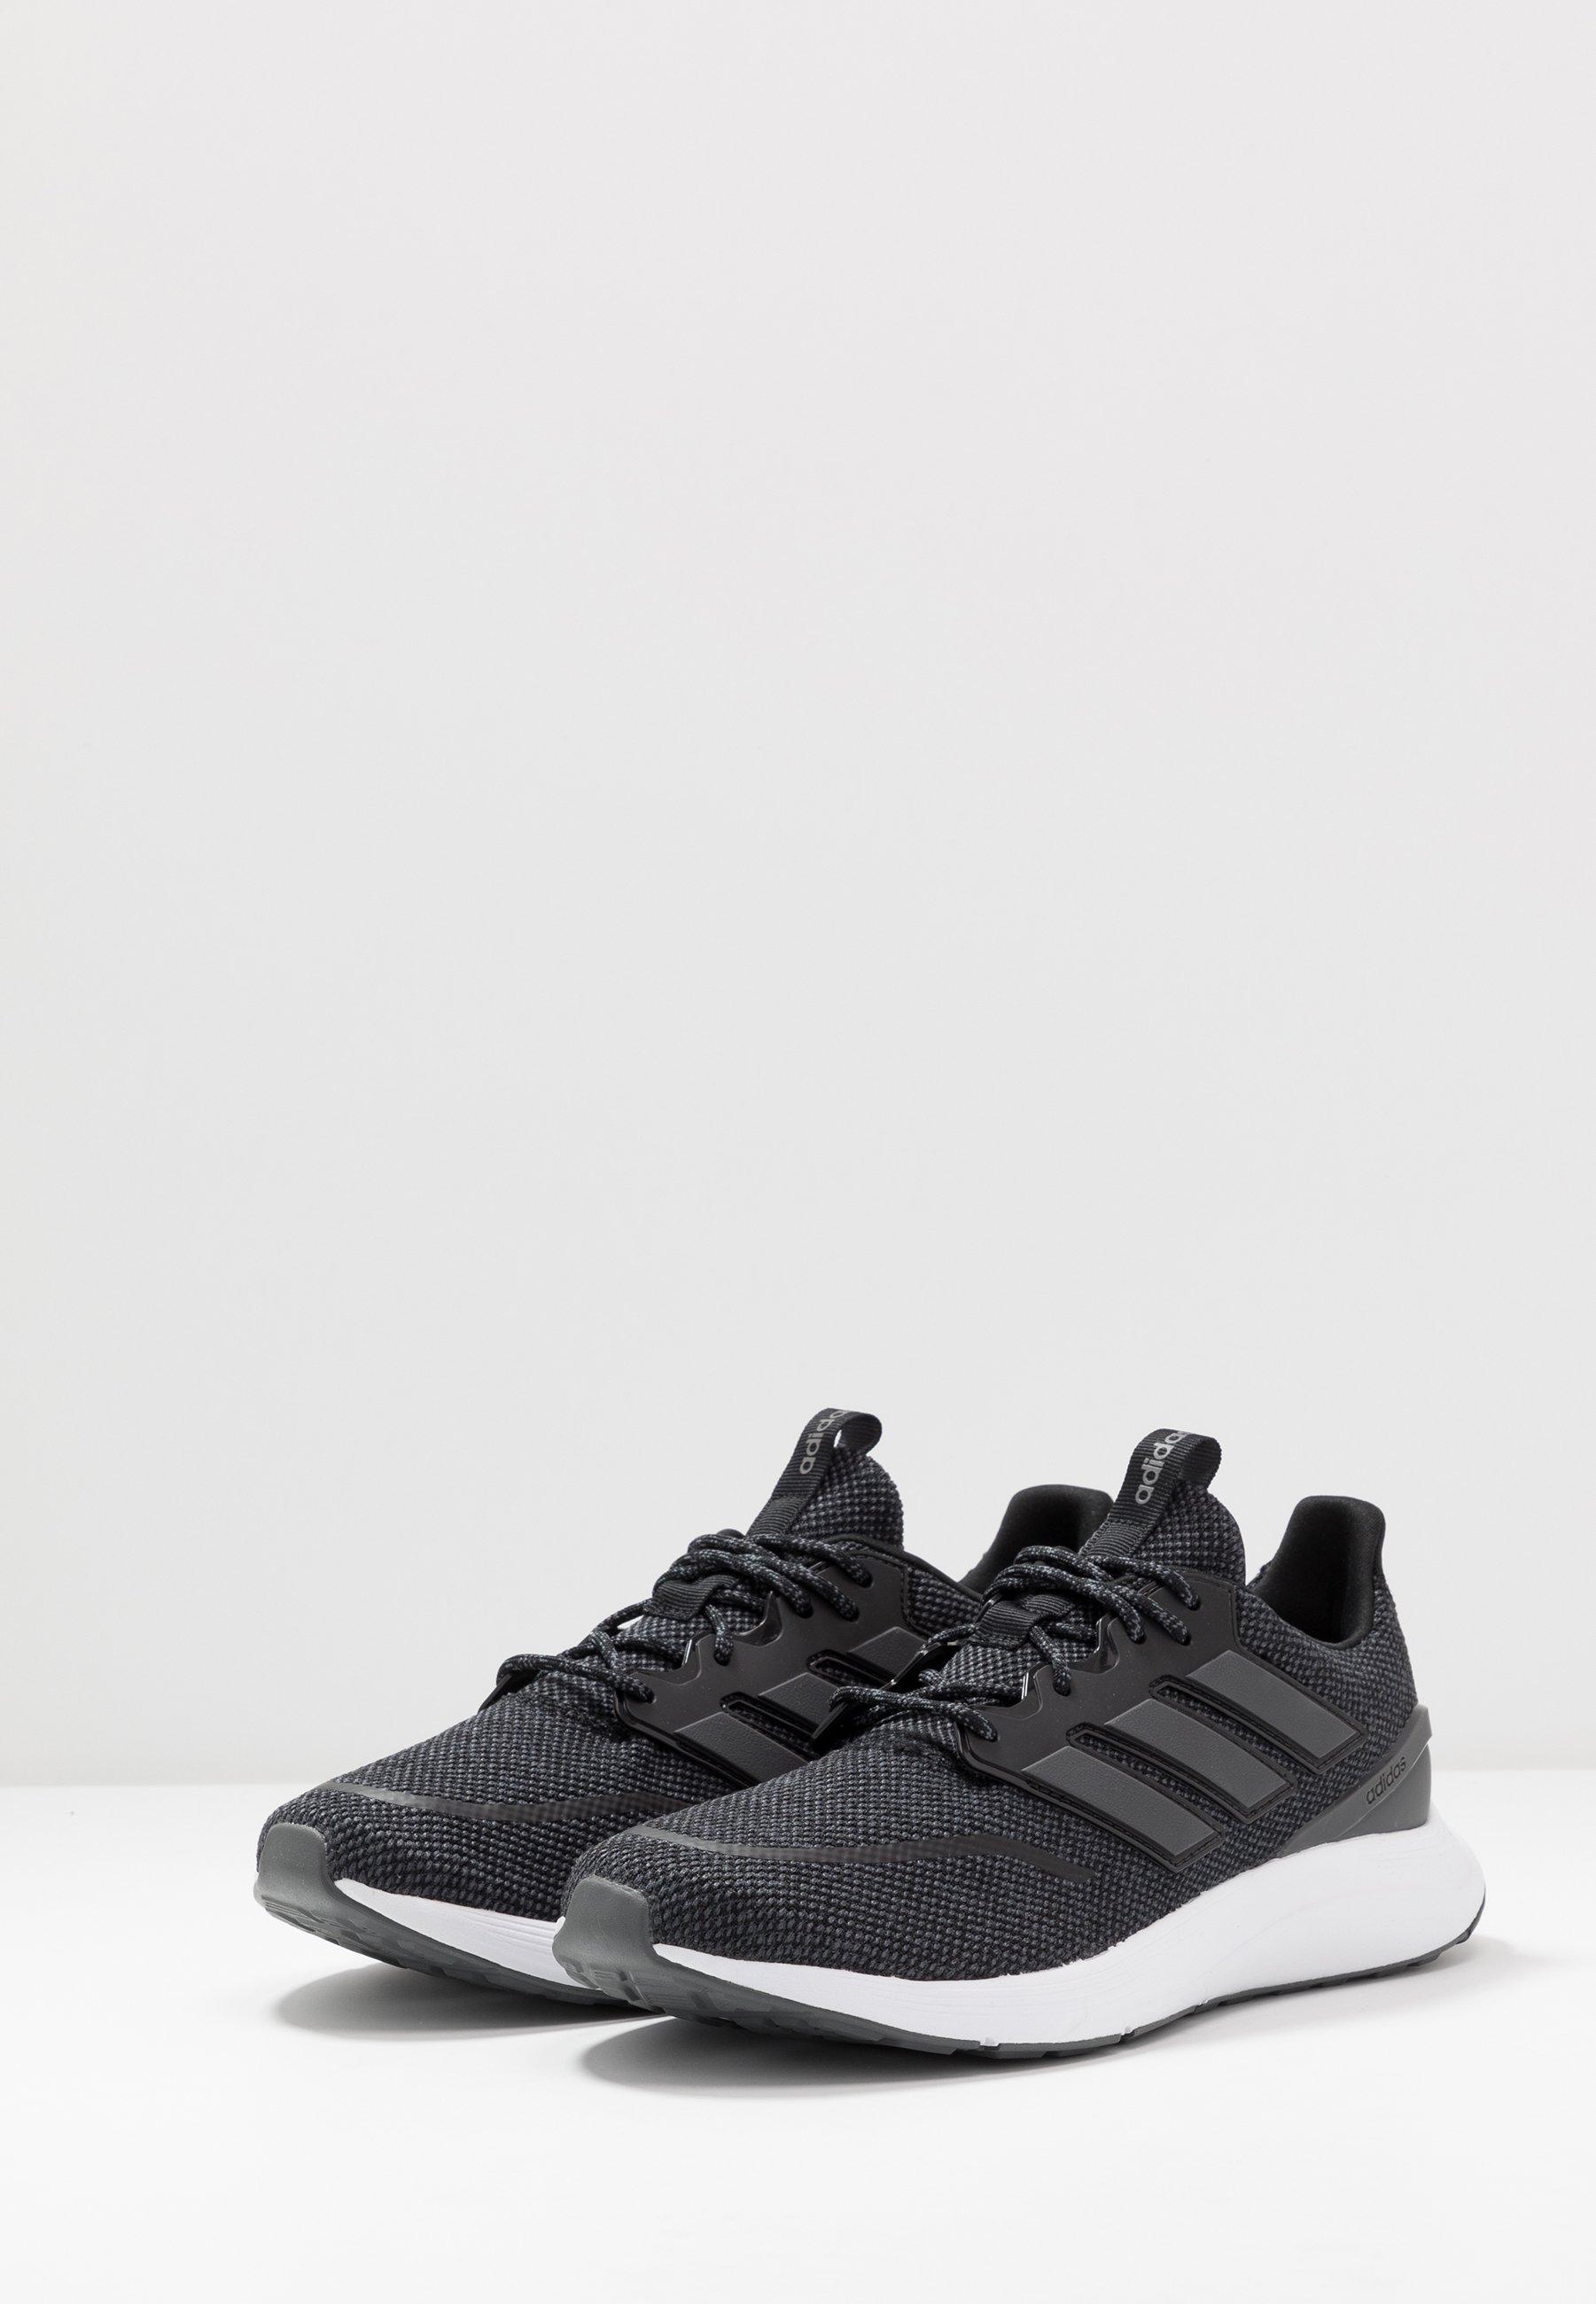 Adidas Performance Energyfalcon Cloudfoam Running Shoes - Hardloopschoenen Neutraal Core Black/grey Six/footwear White Goedkope Schoenen